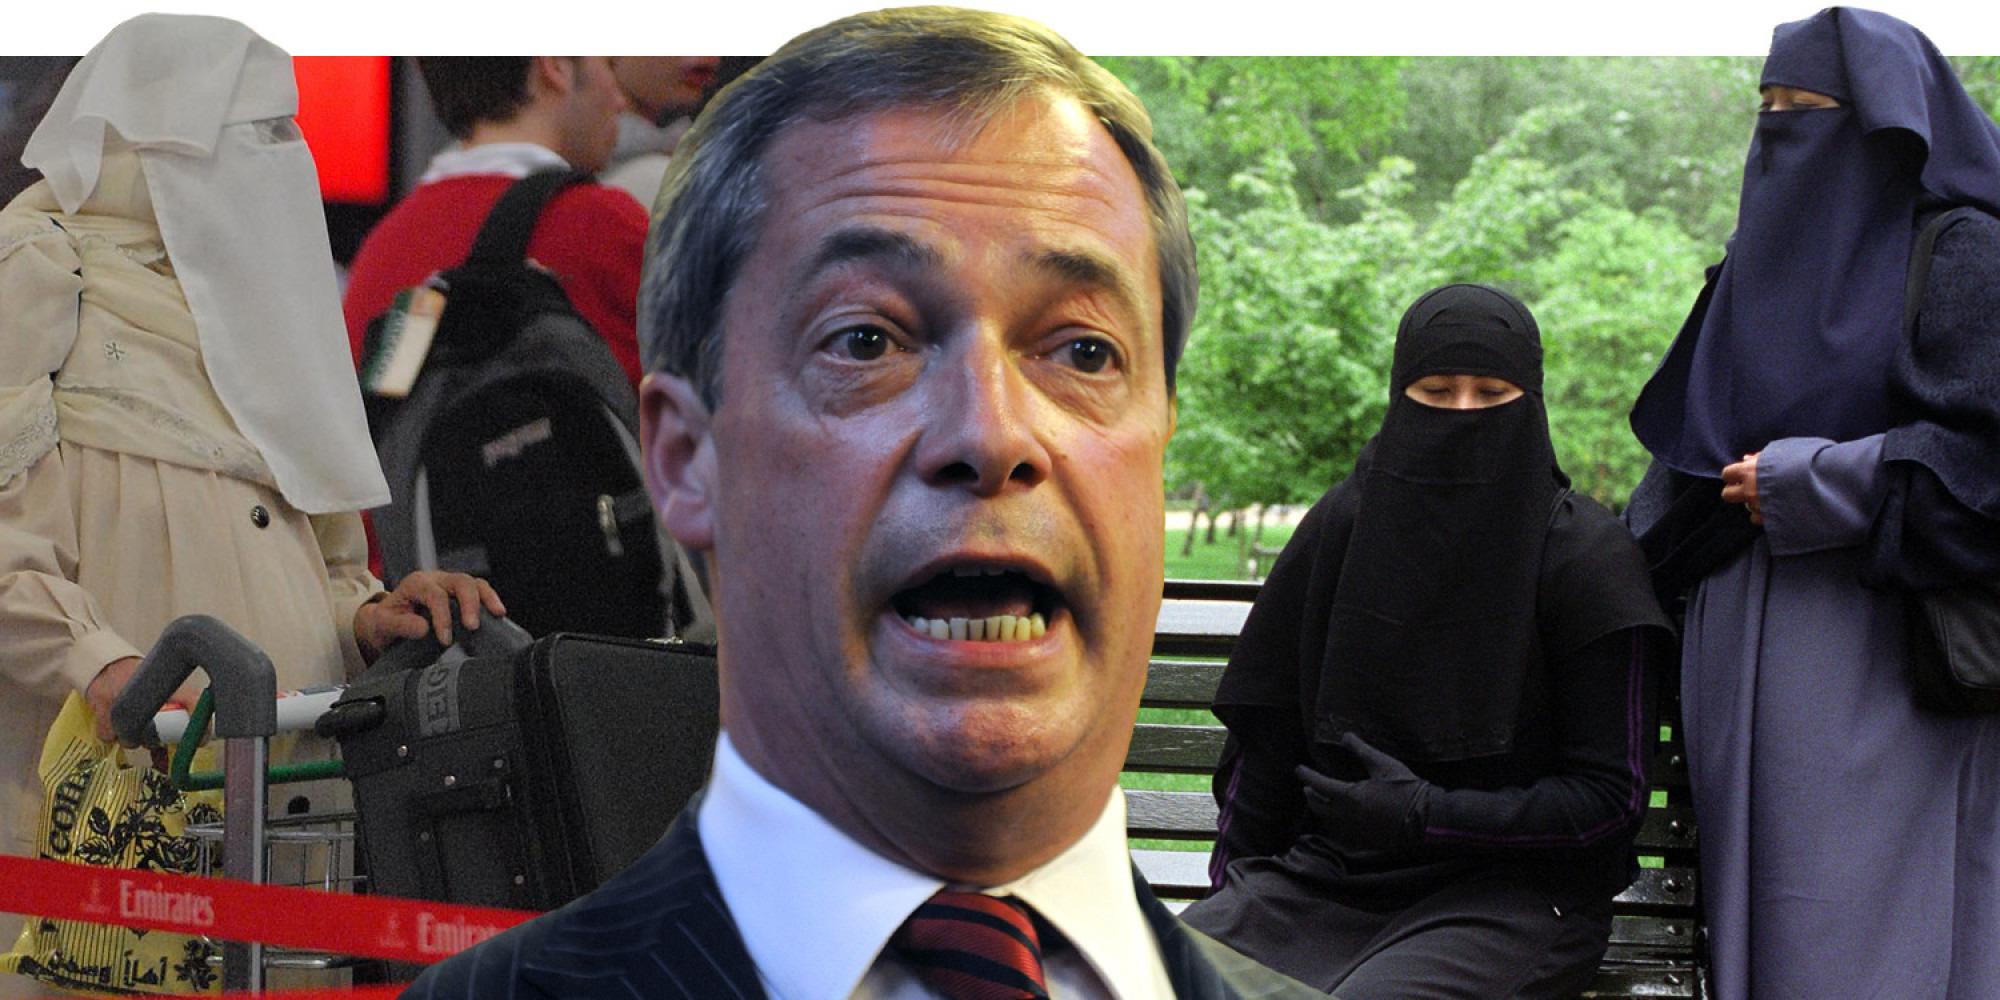 İslam ile sorunu yokmuş!